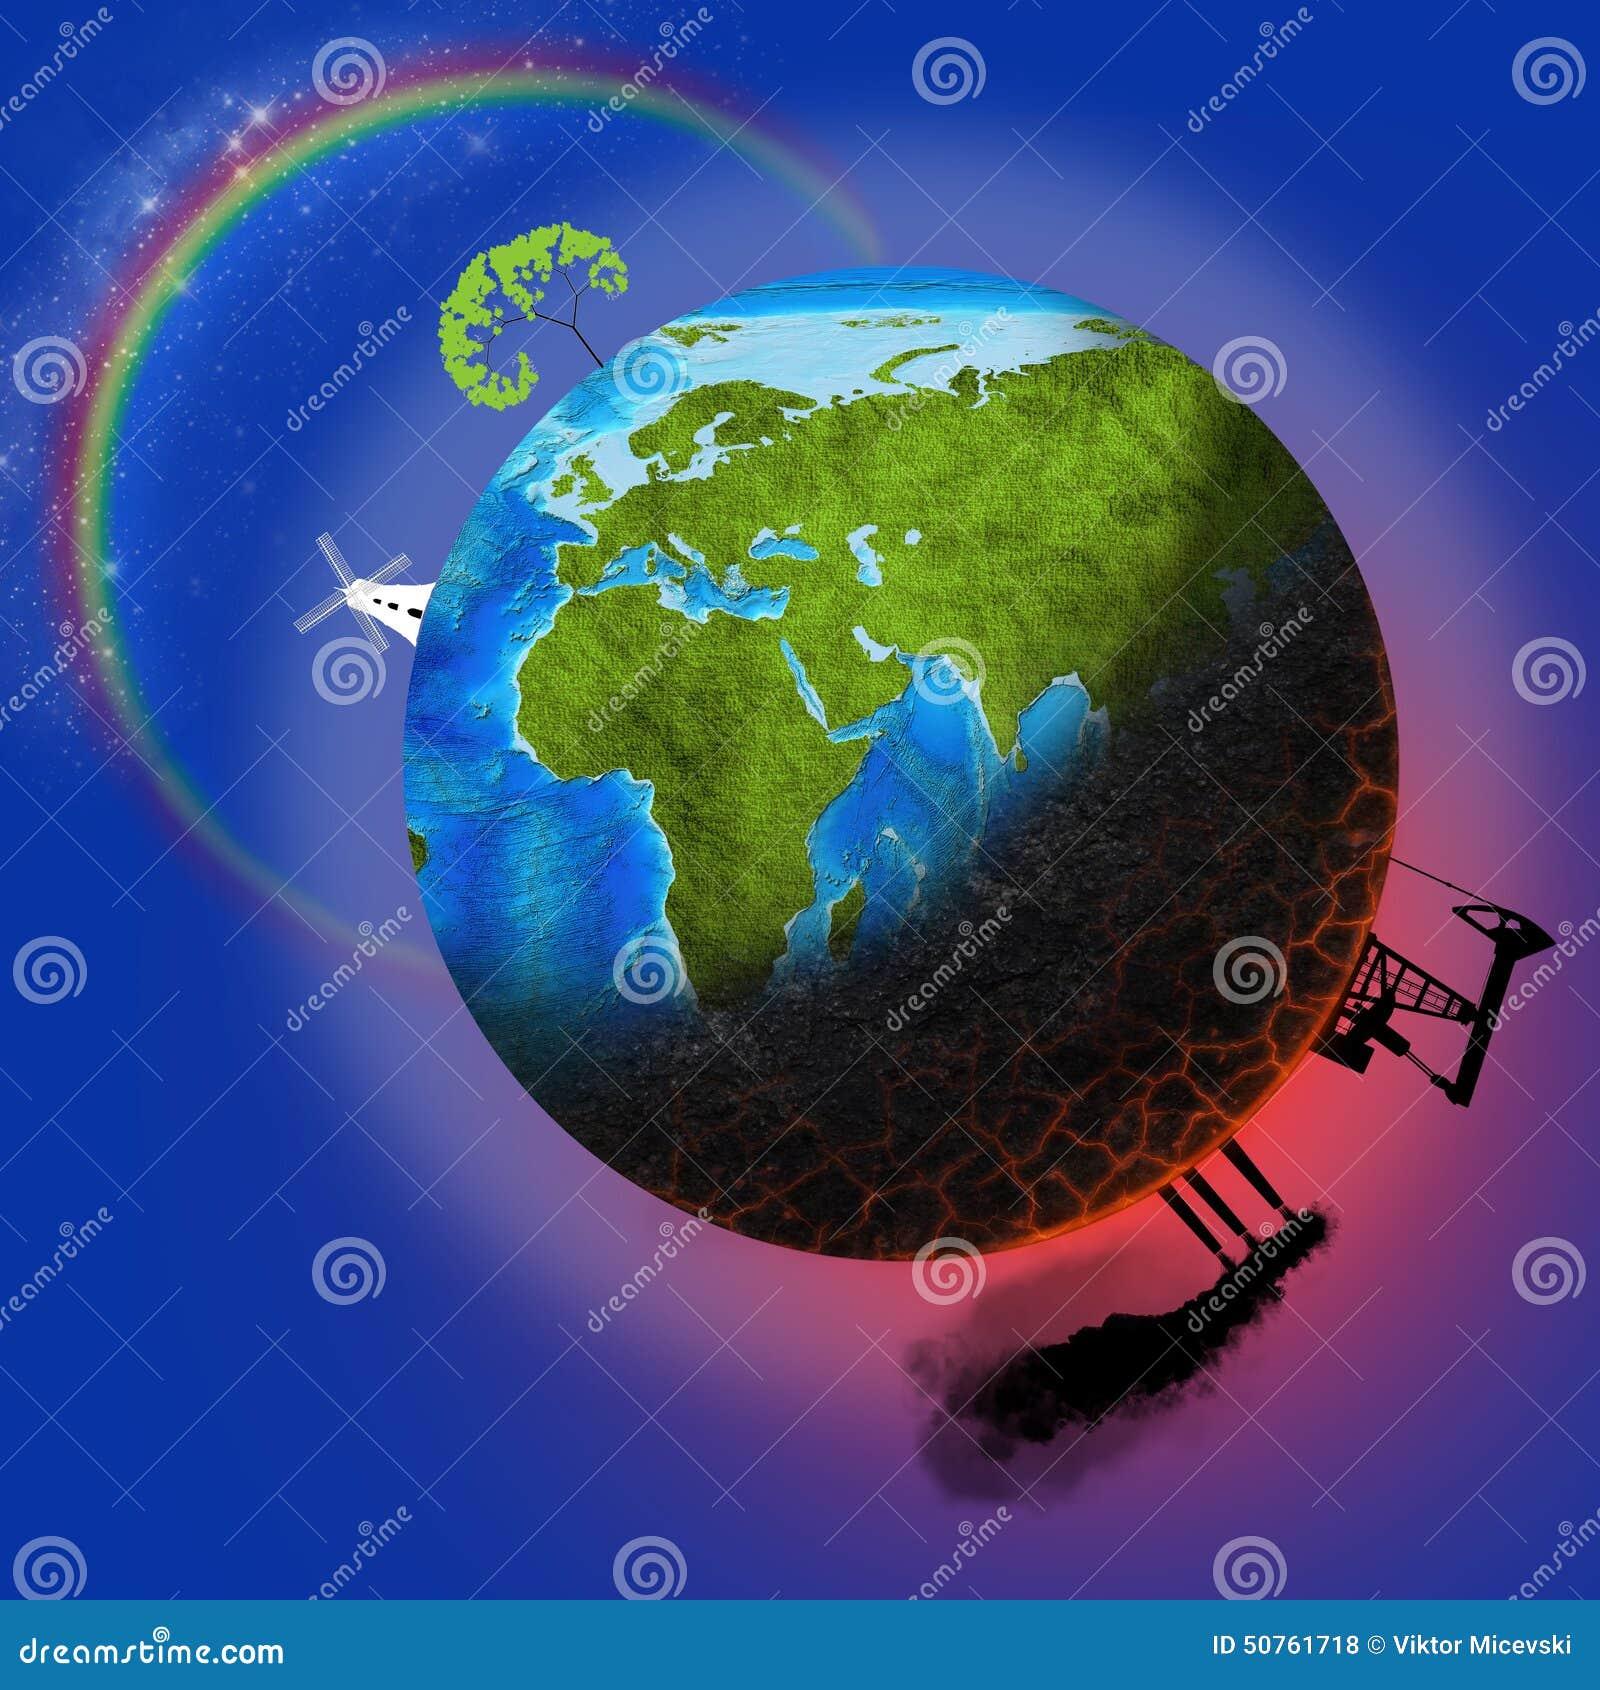 文章内容 >> 地球的污染作文|地球的污染作文1500字  地球的环境污染